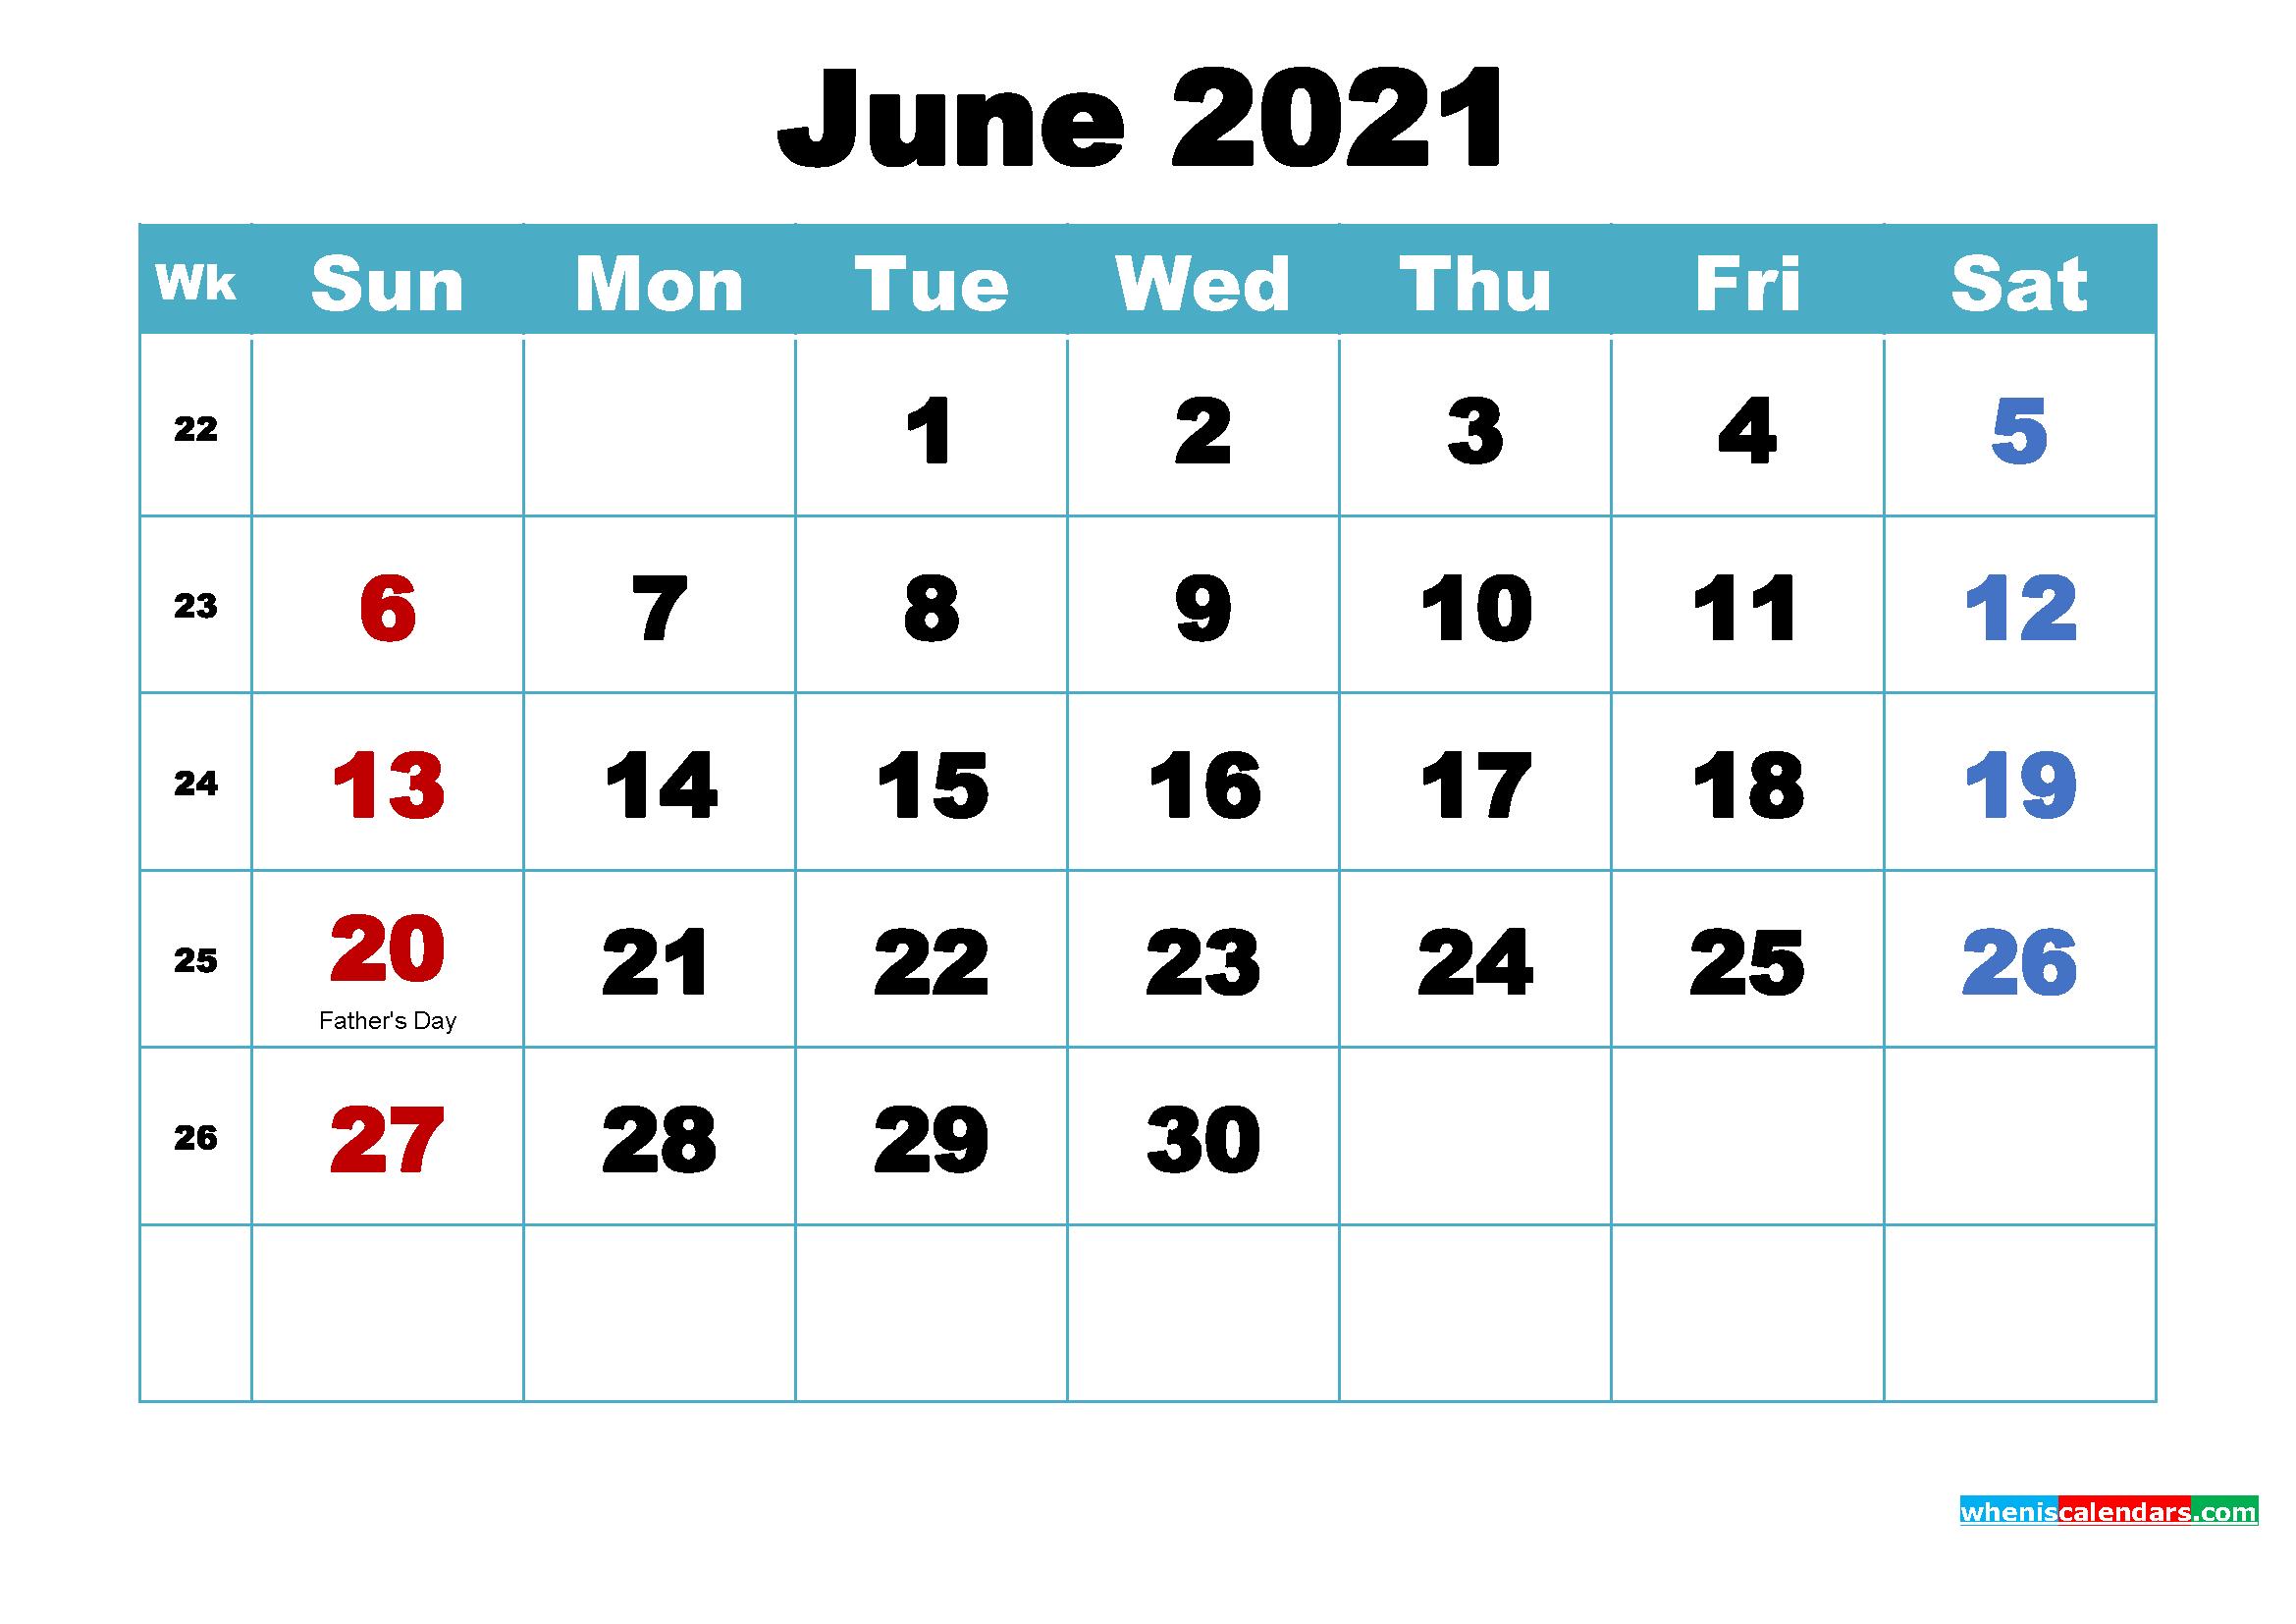 June 2021 Calendar Wallpaper Free Download